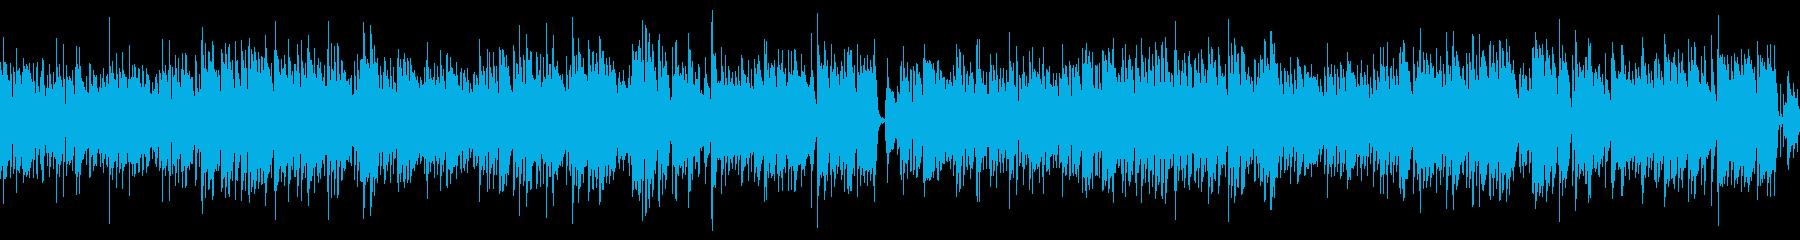 ドラムなし/ループ/ギター生演奏ボサノバの再生済みの波形